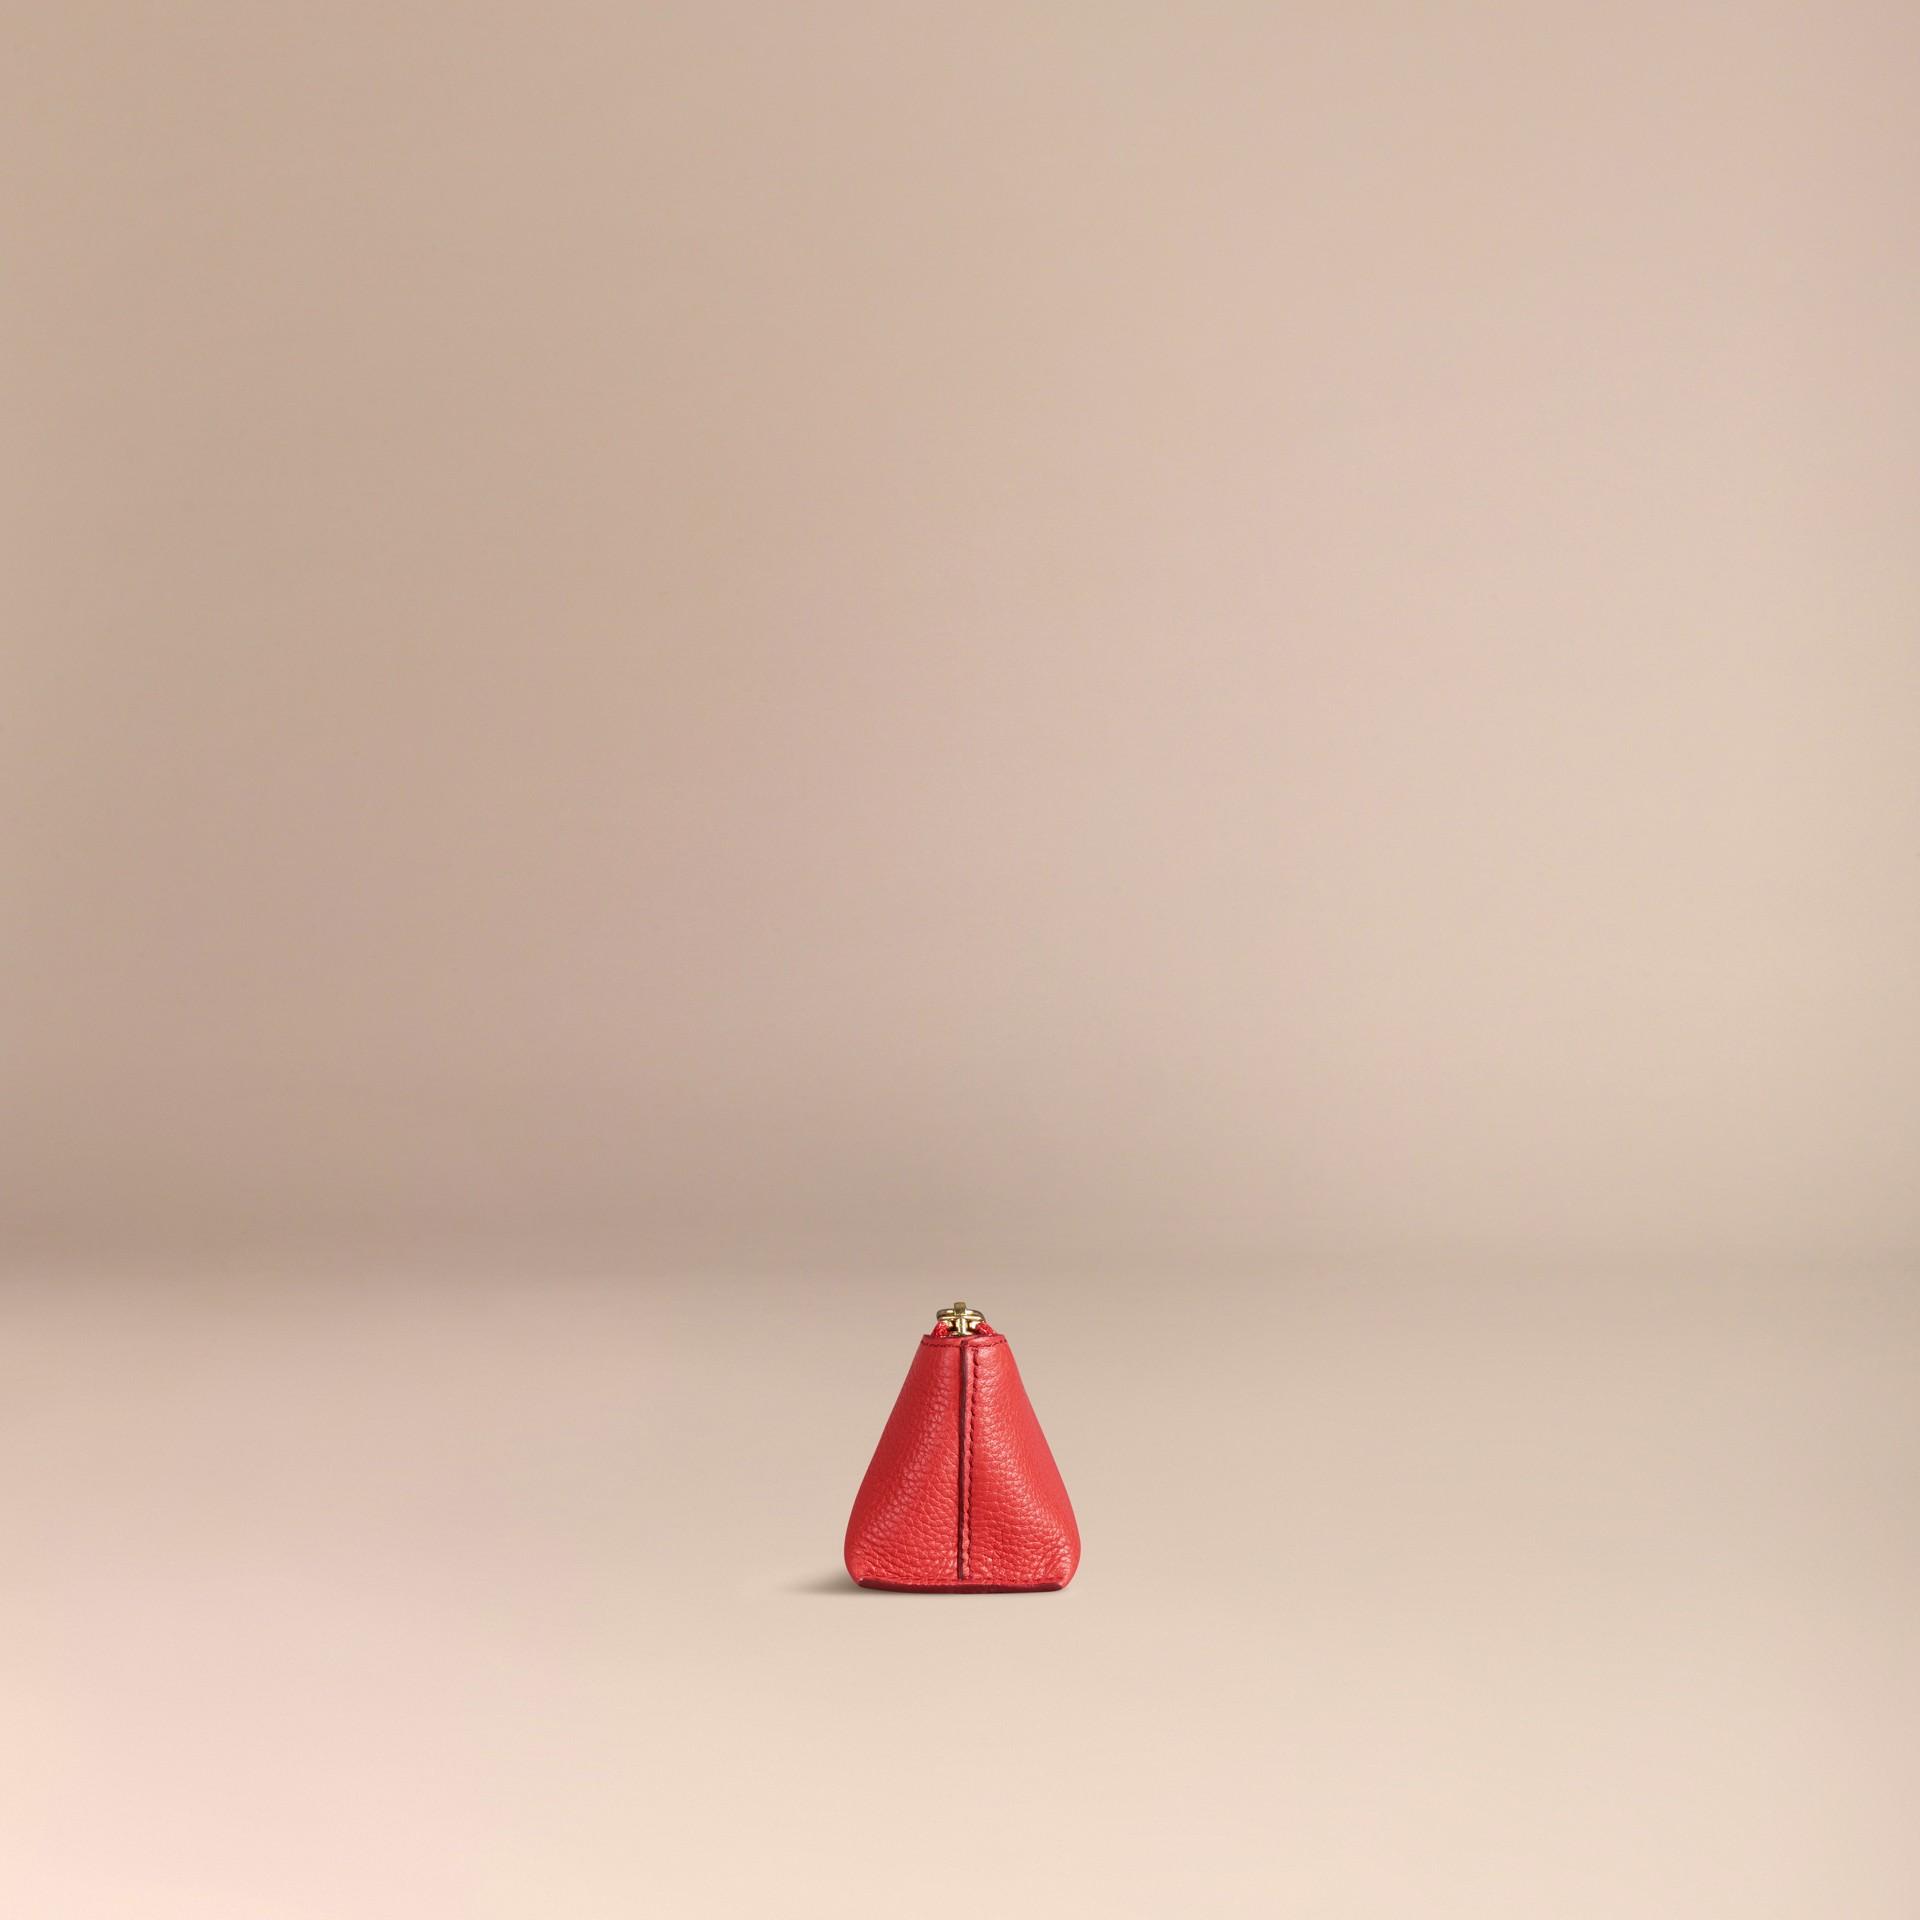 Rouge orangé Petite pochette pour accessoires numériques en cuir grainé Rouge Orangé - photo de la galerie 3